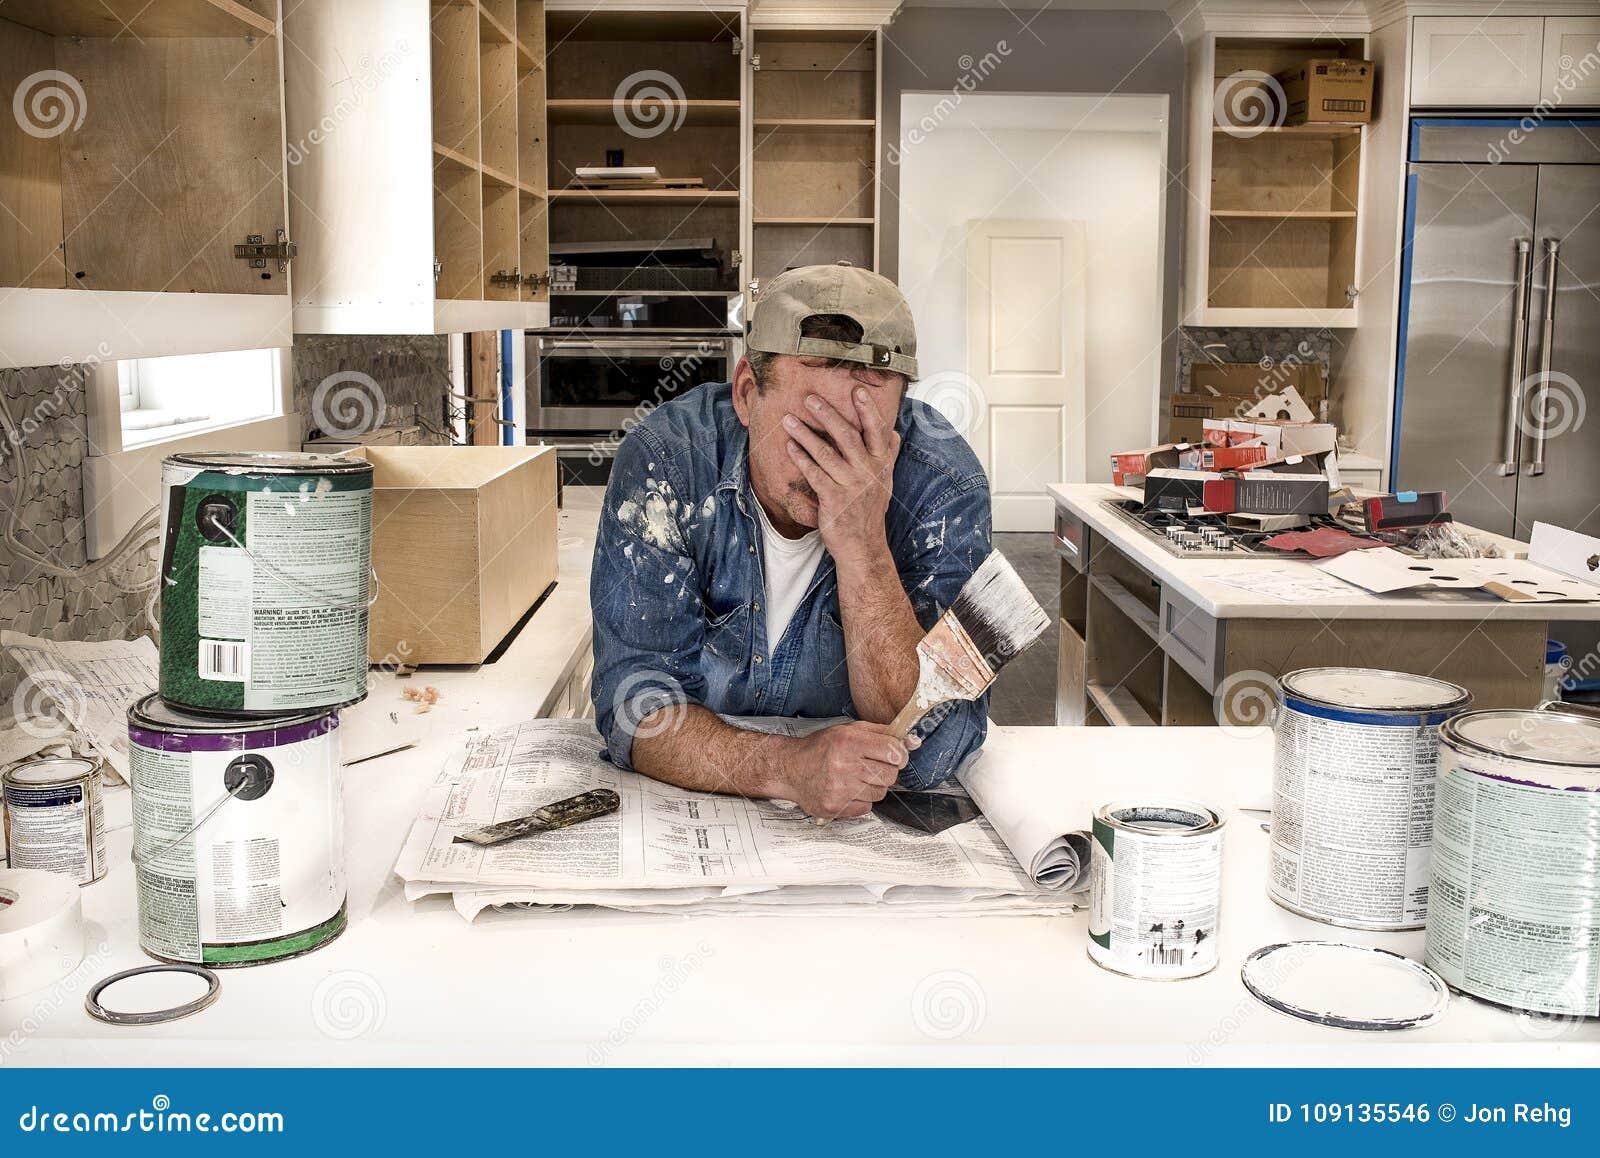 Εξαντλημένος και κουρασμένος ζωγράφος με το πρόσωπο στα χέρια που κρατά την υγρή βούρτσα χρωμάτων στην ακατάστατη εγχώρια κουζίνα